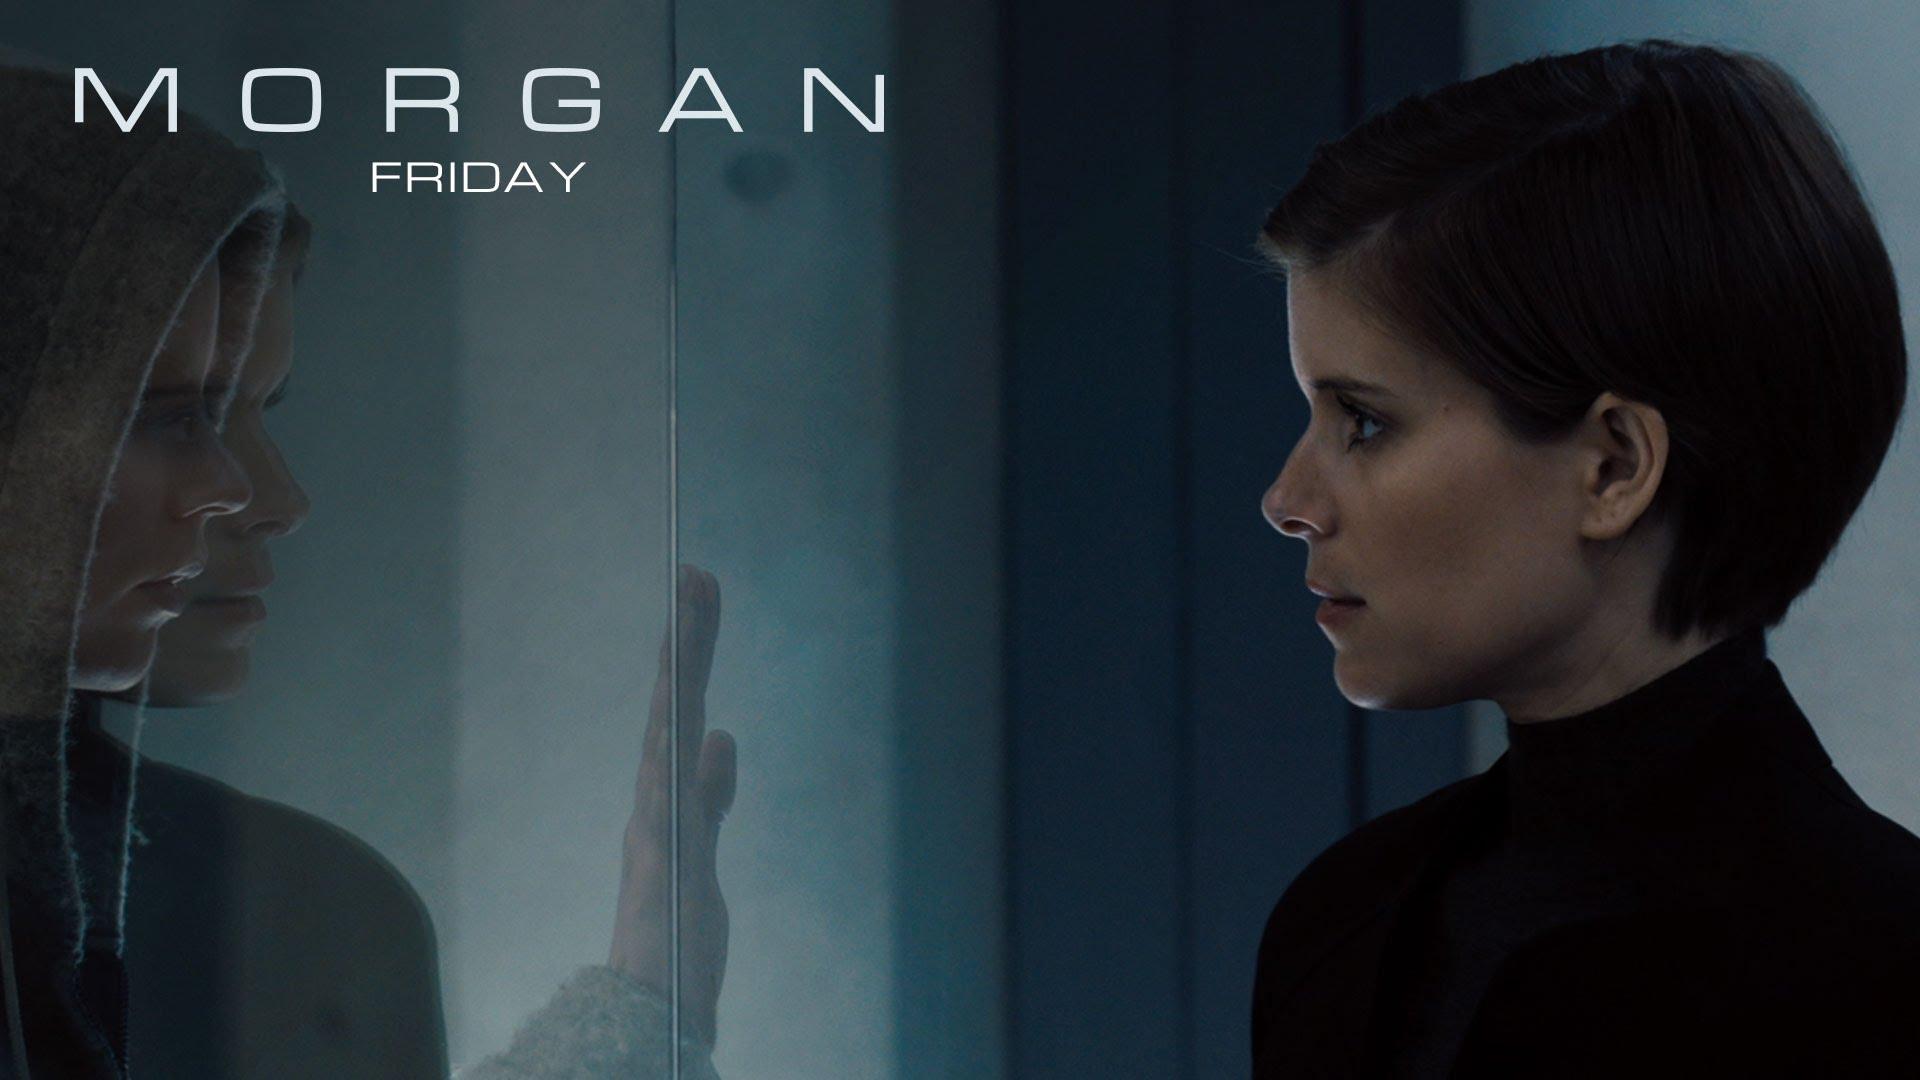 """Der neuste Trailer zu """"Morgan"""" entstand sogar in Zusammenarbeit mit der echten KI """"Watson"""" von IBM"""